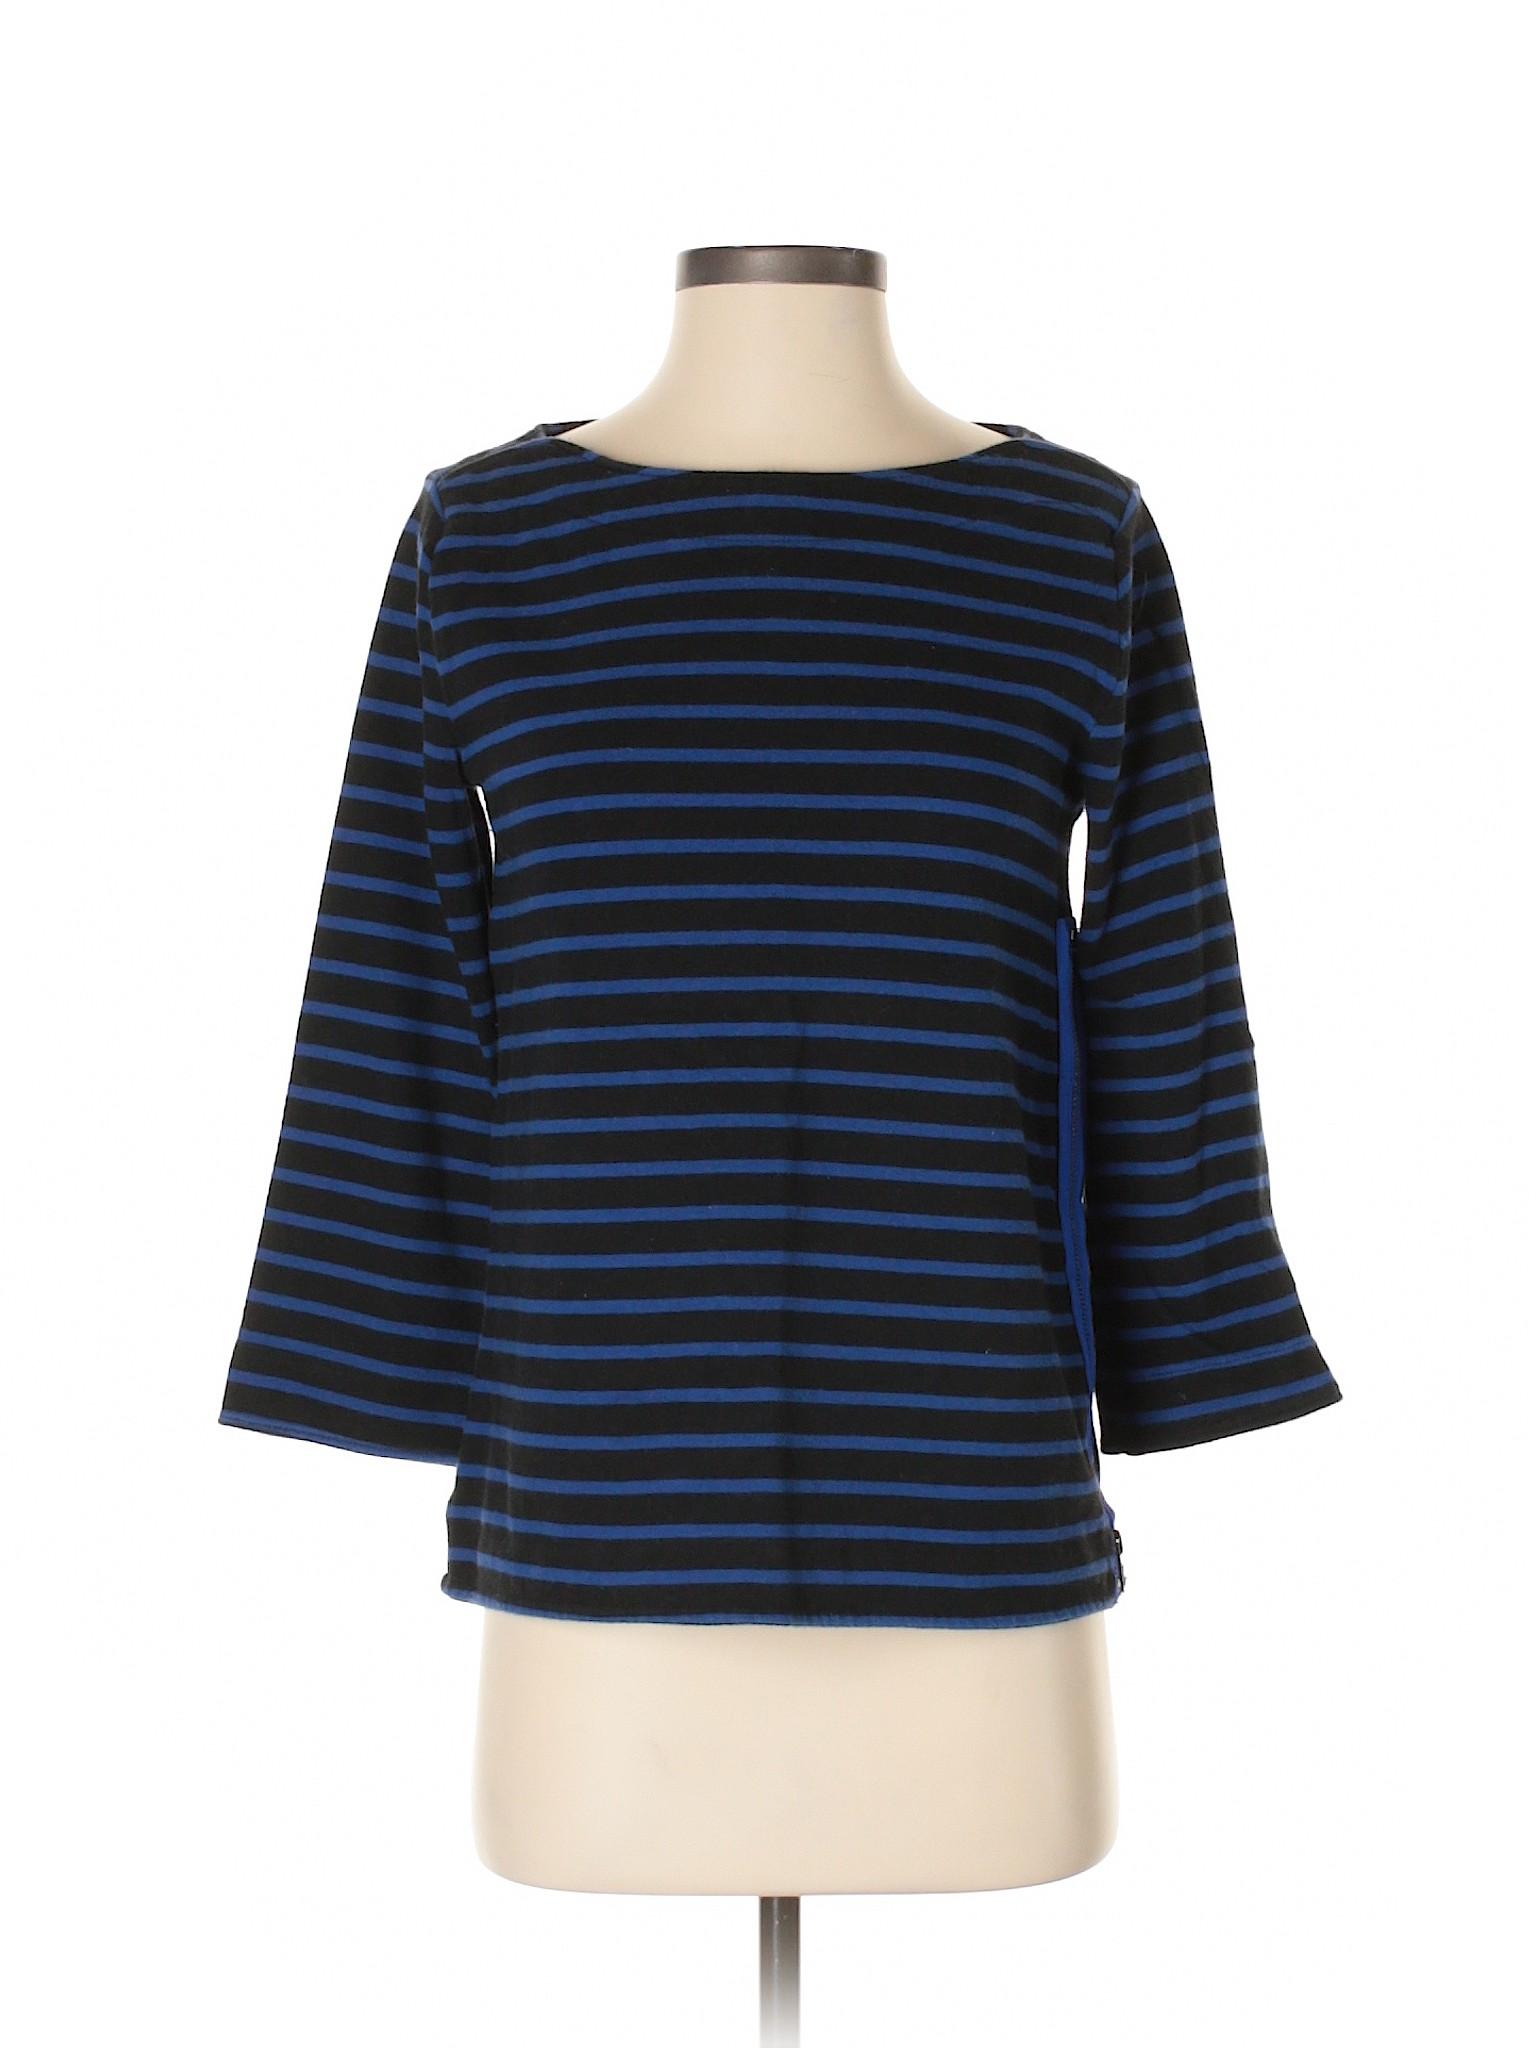 Pullover Boutique Pullover Gap Boutique Gap Sweater PznpFTxqqv